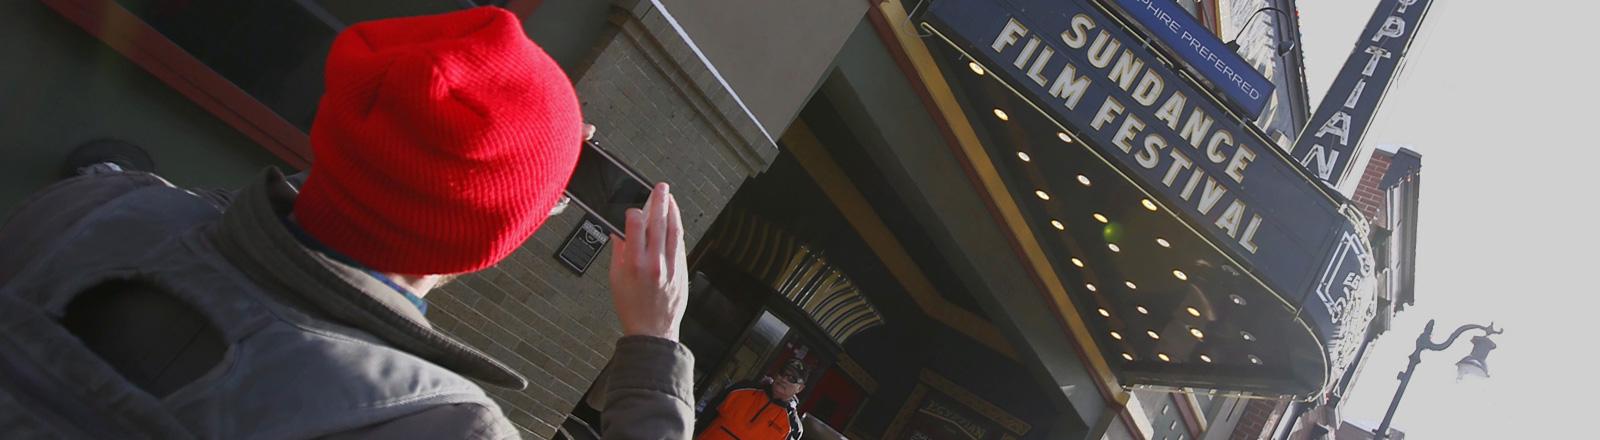 Ein Mann mit roter Wollmütze steht vor einem Kino. Er macht ein Foto mit seinem Smartphone. Über dem Eingang steht Sundance Film Festival; Foto: dpa